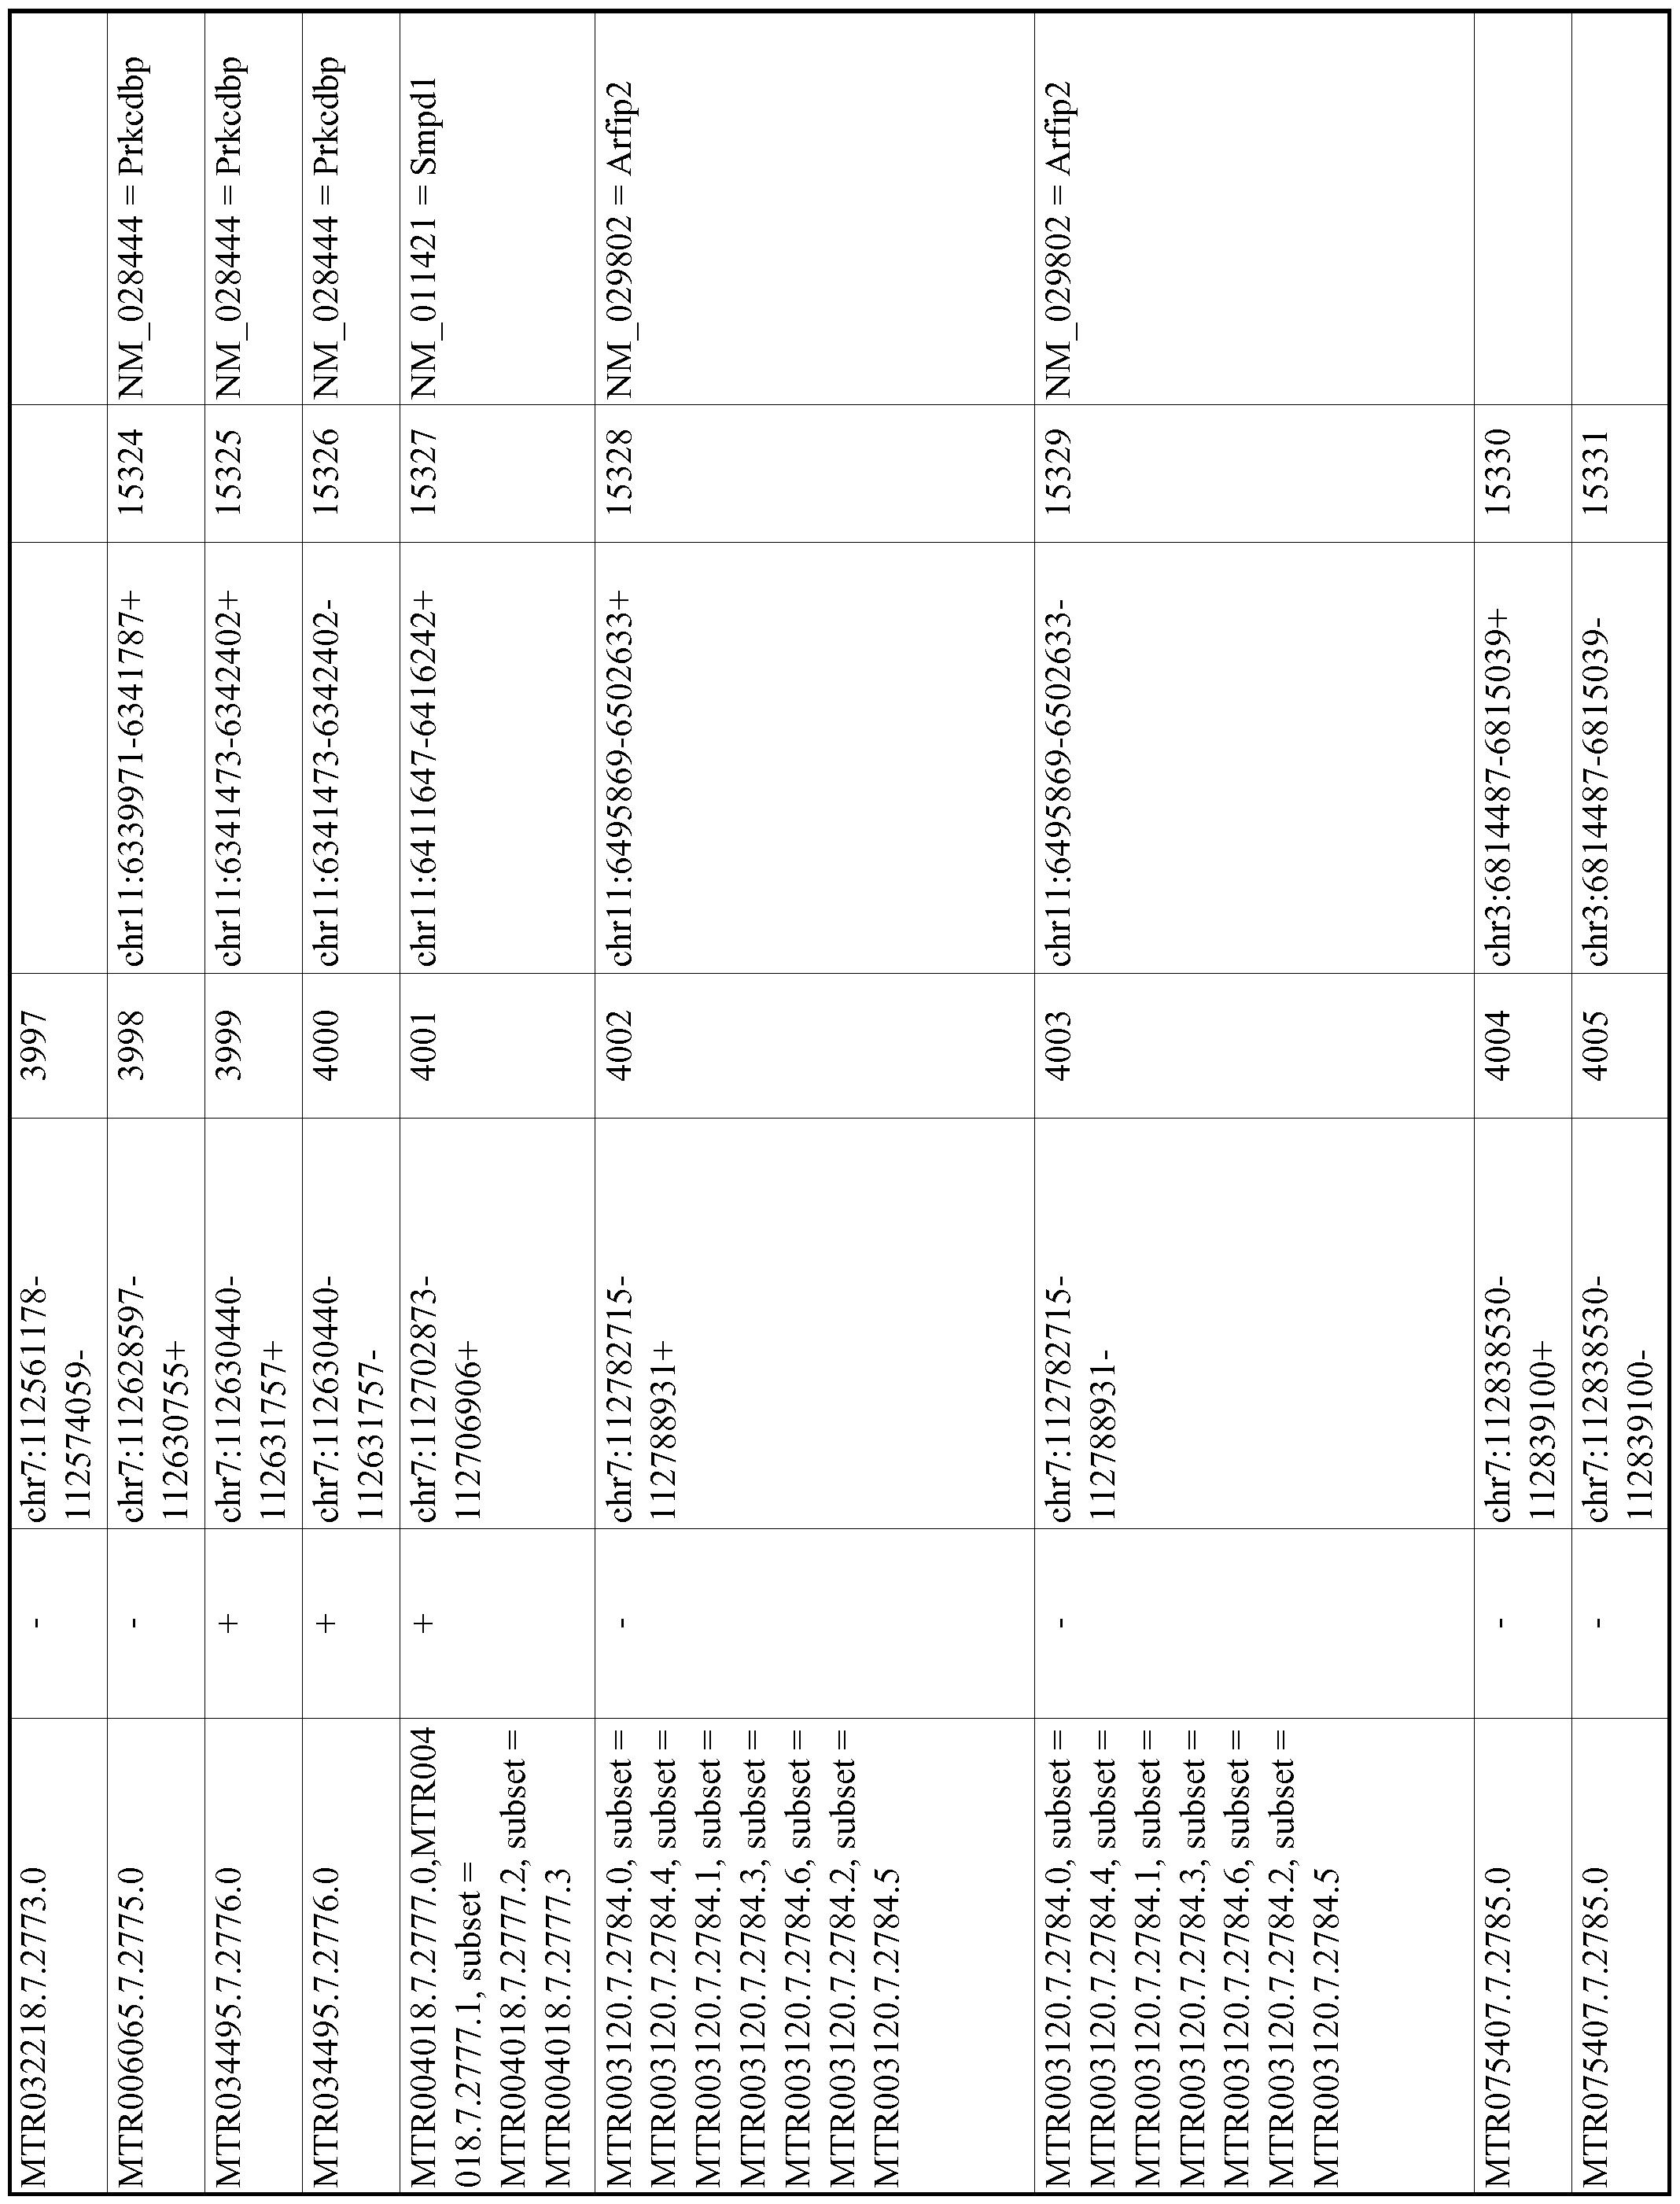 Figure imgf000761_0001